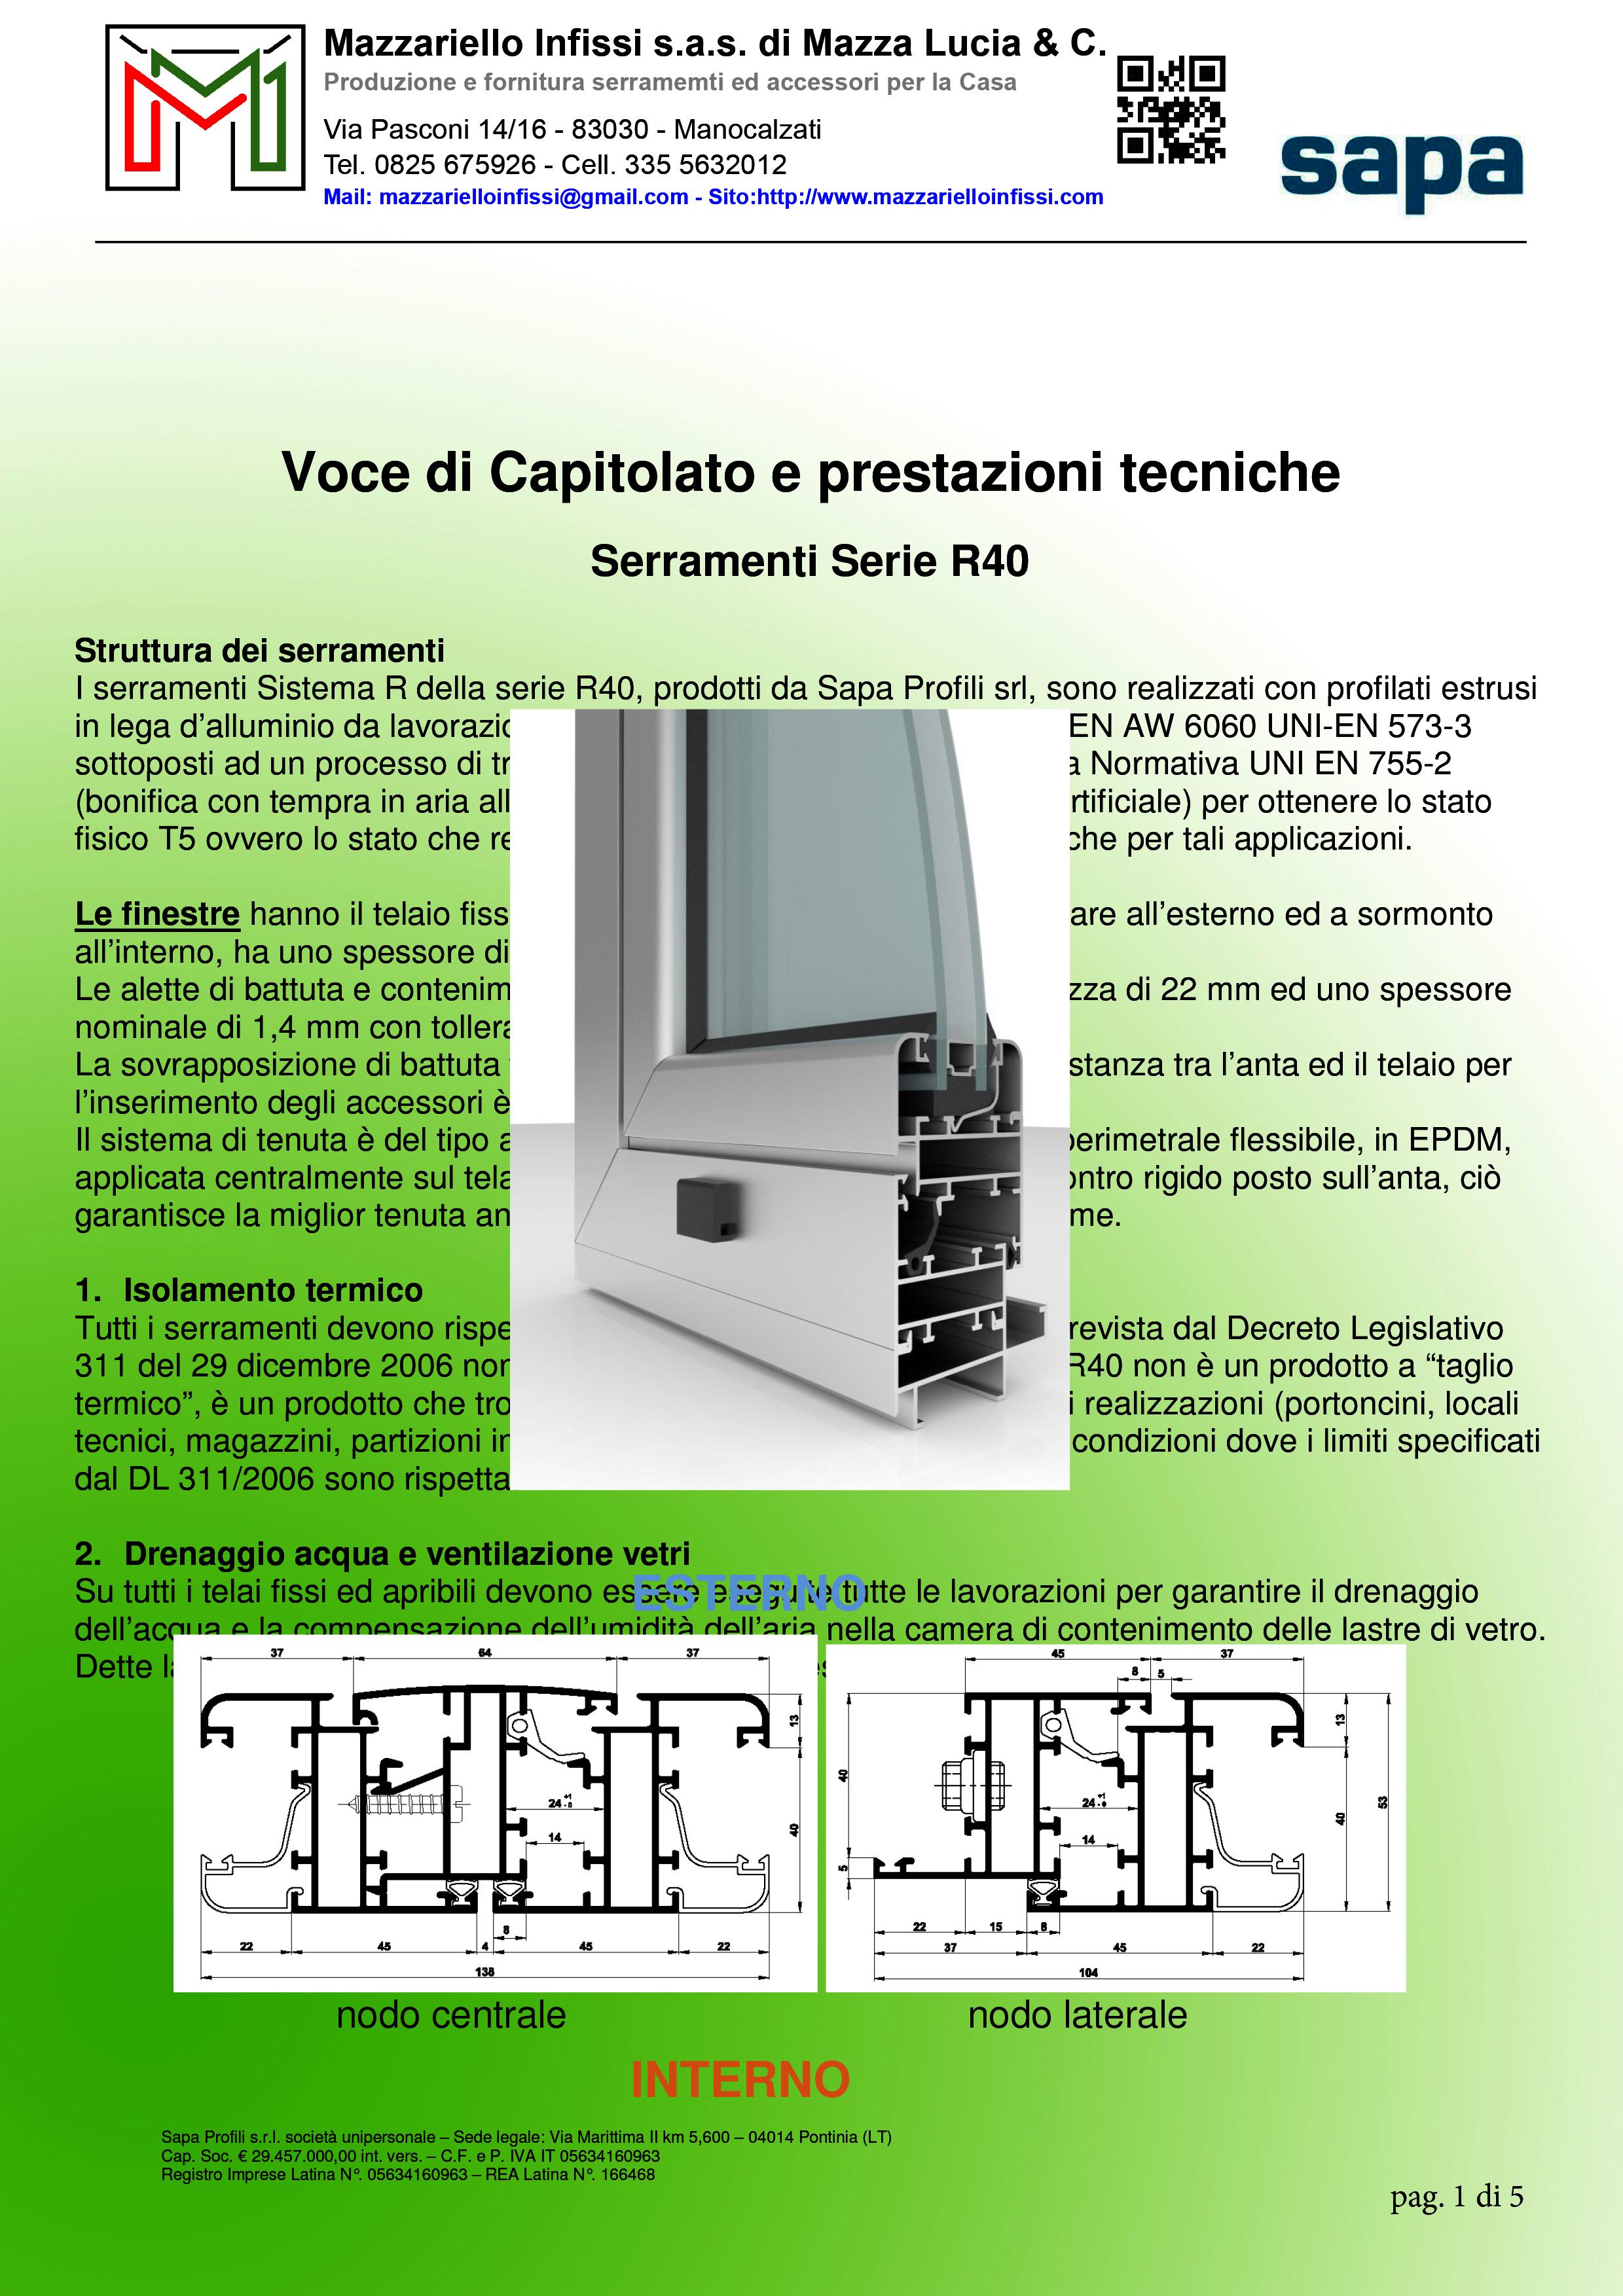 Capitolato-R40-Mazza-